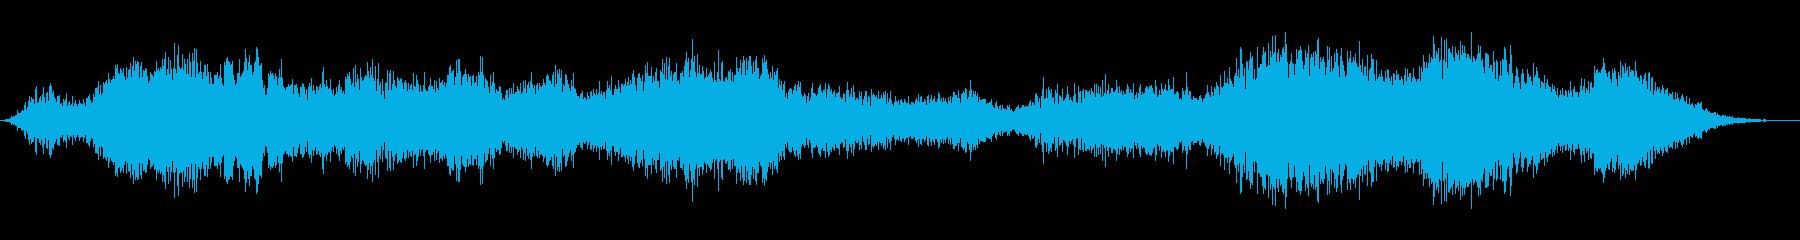 霊的な質量の再生済みの波形